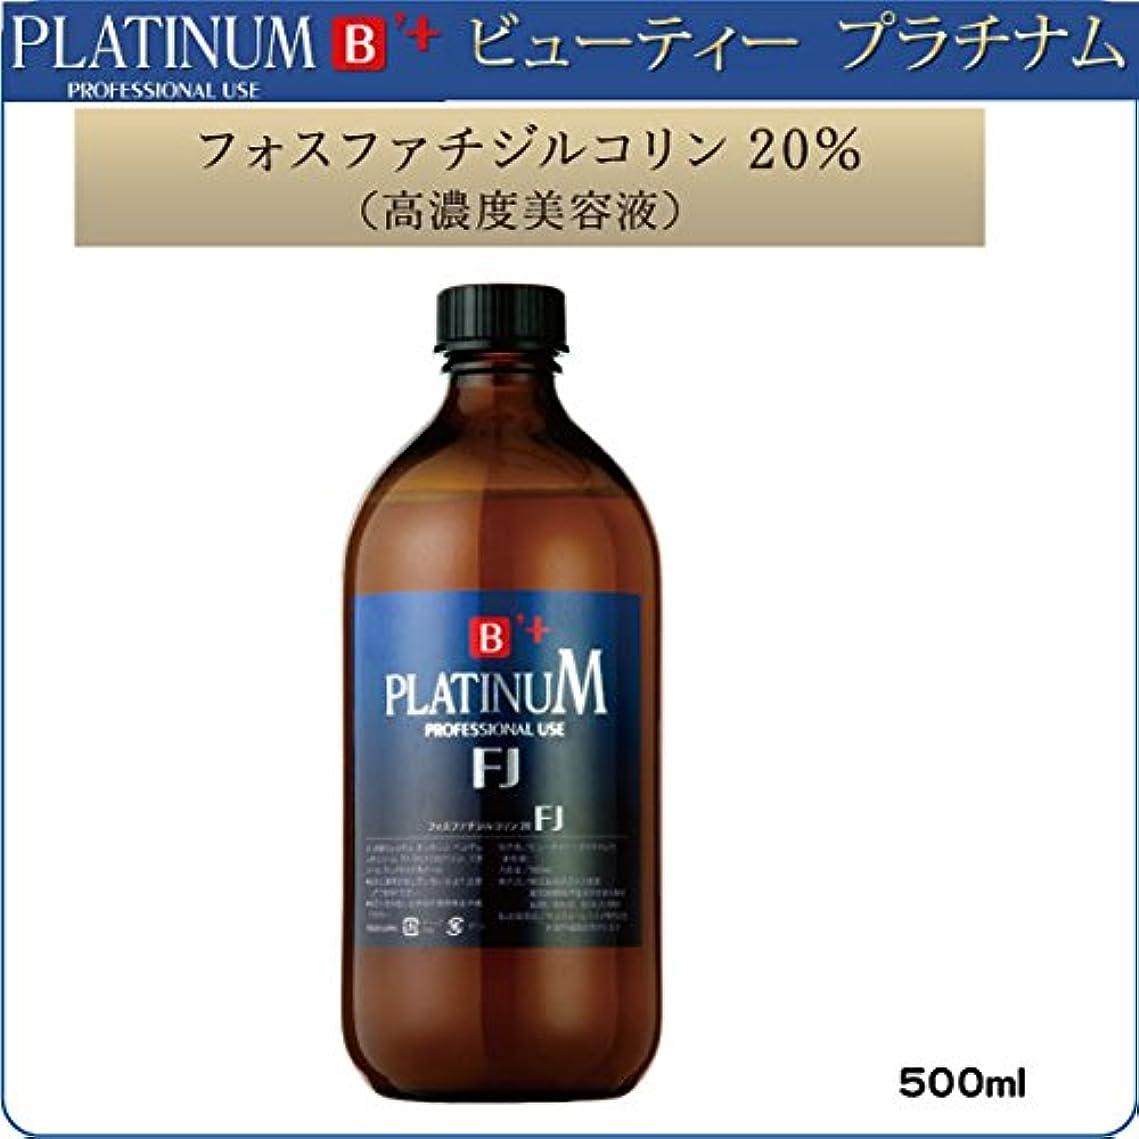 【ビューティー プラチナム】 PLATINUM B'+  フォスファチジルコリン20%高濃度美容液  痩身専用:500ml